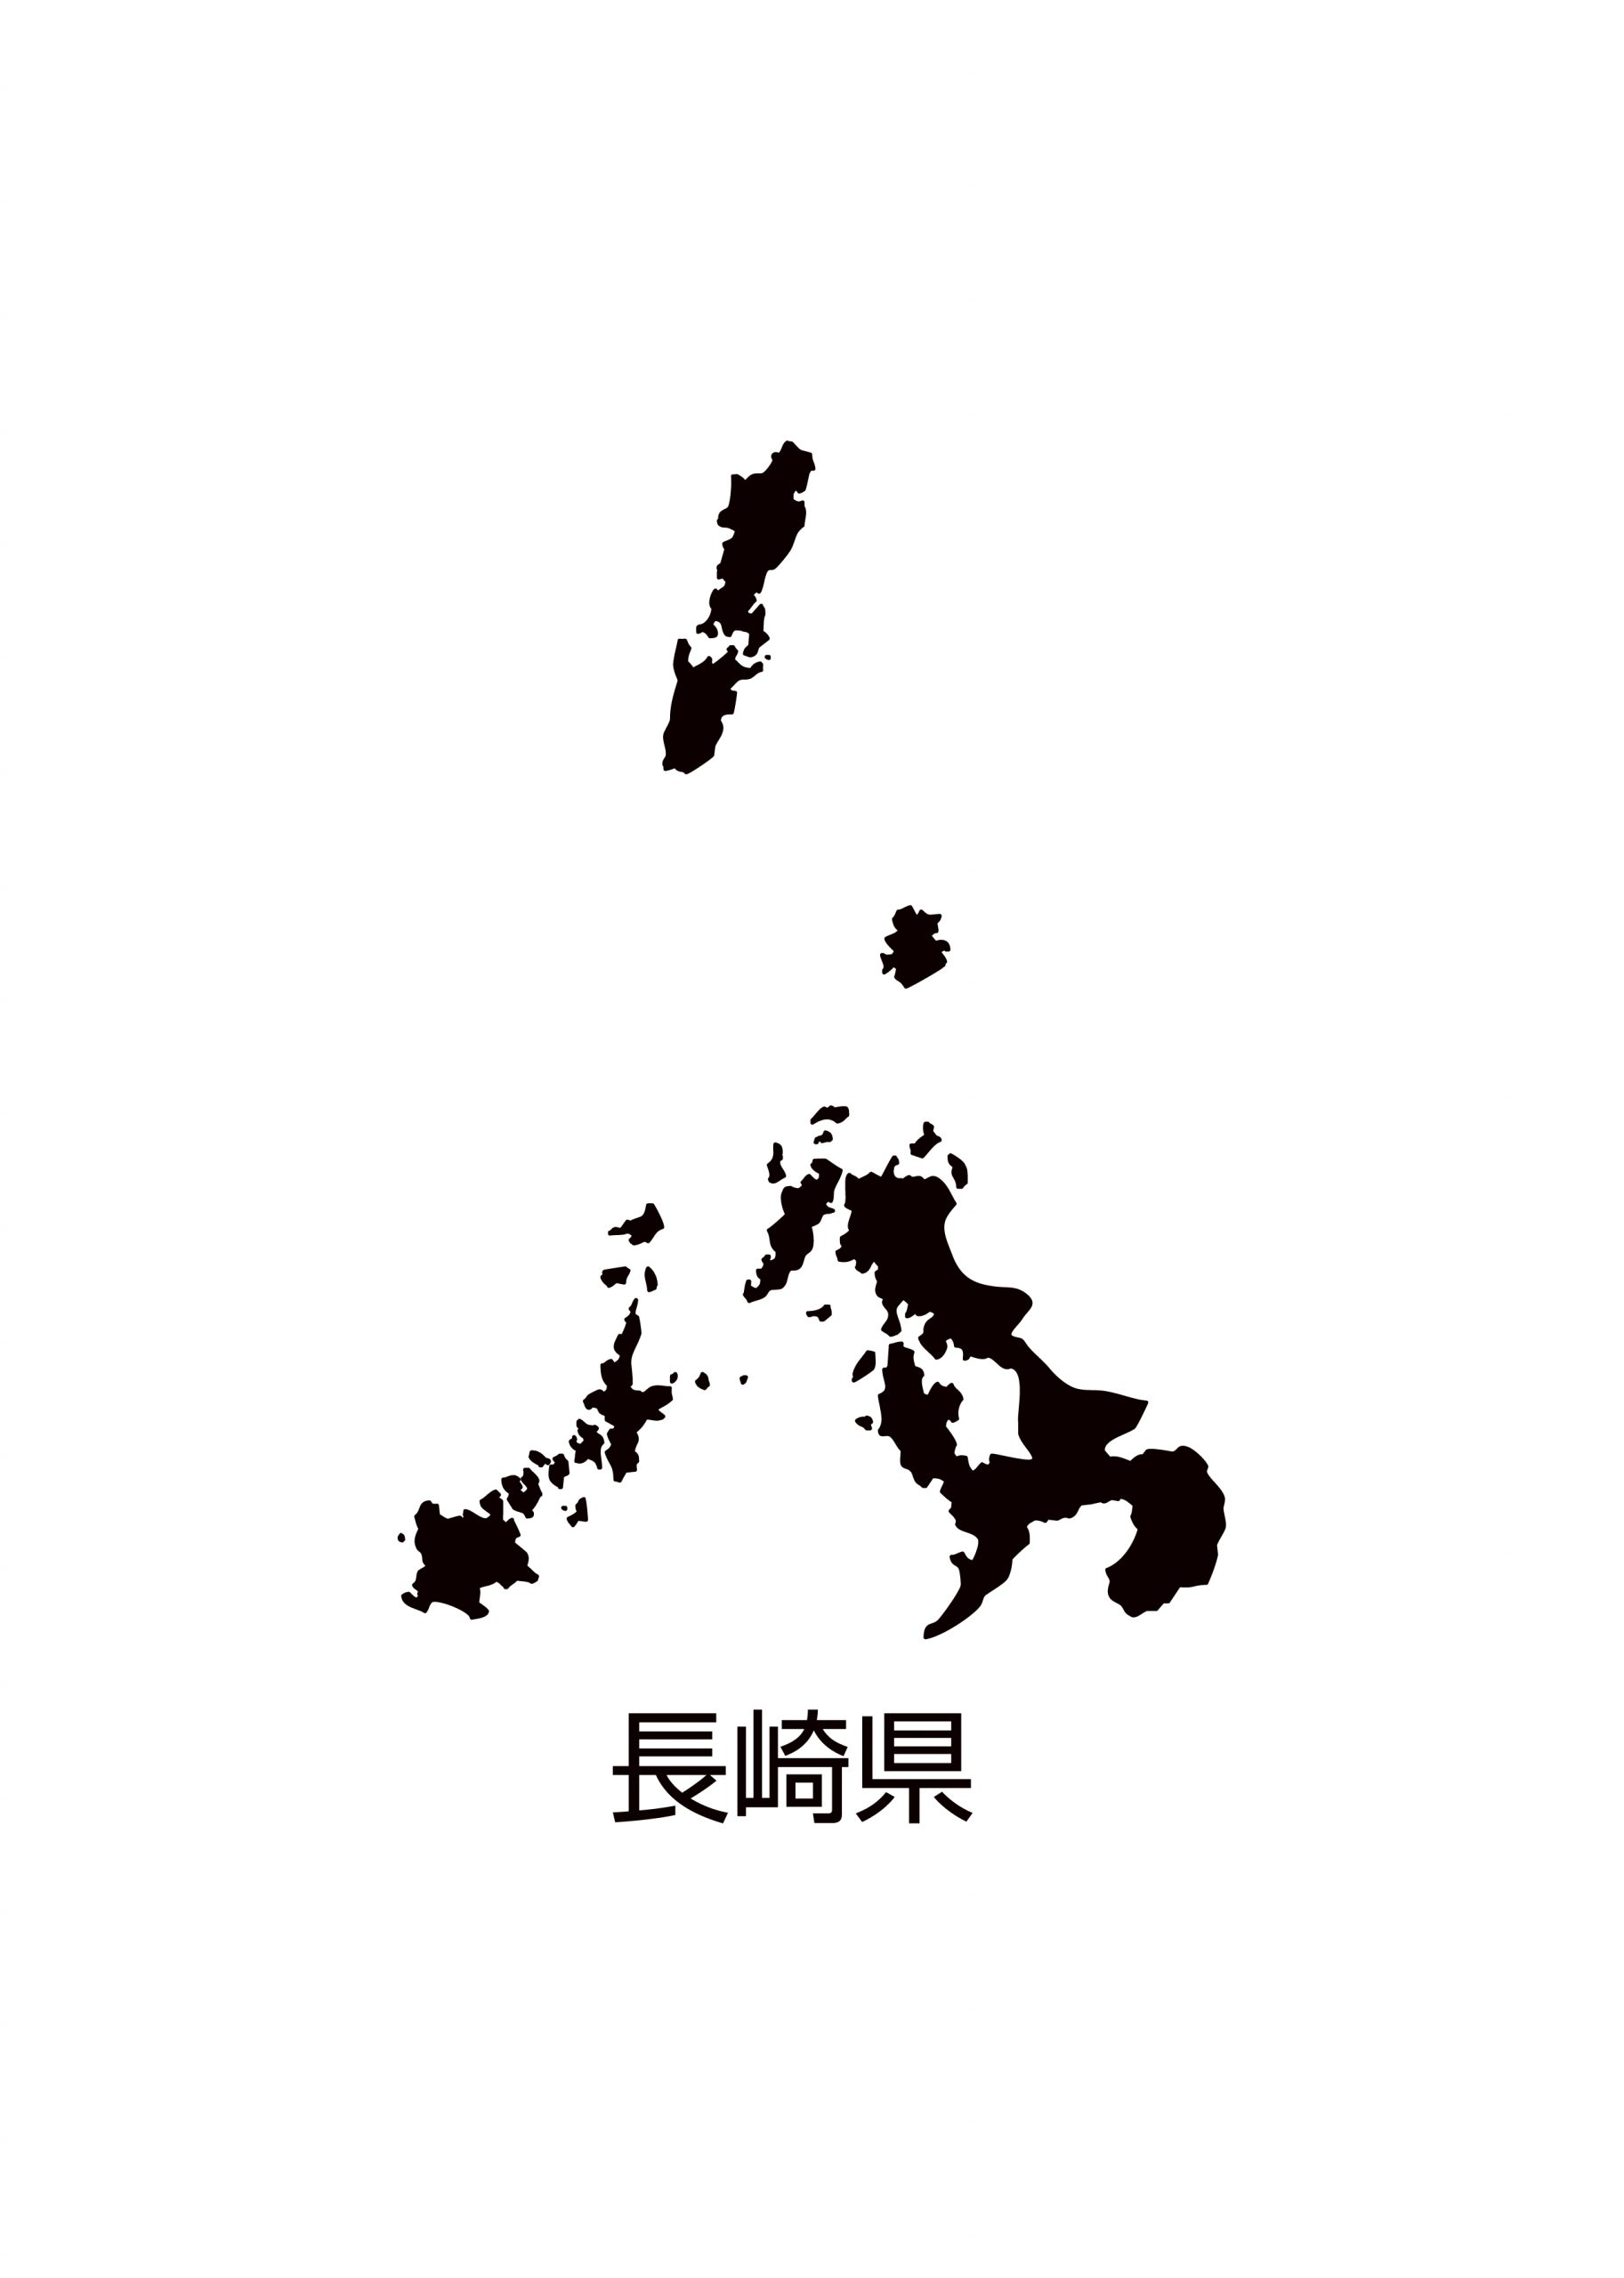 長崎県無料フリーイラスト|日本語・都道府県名あり(黒)